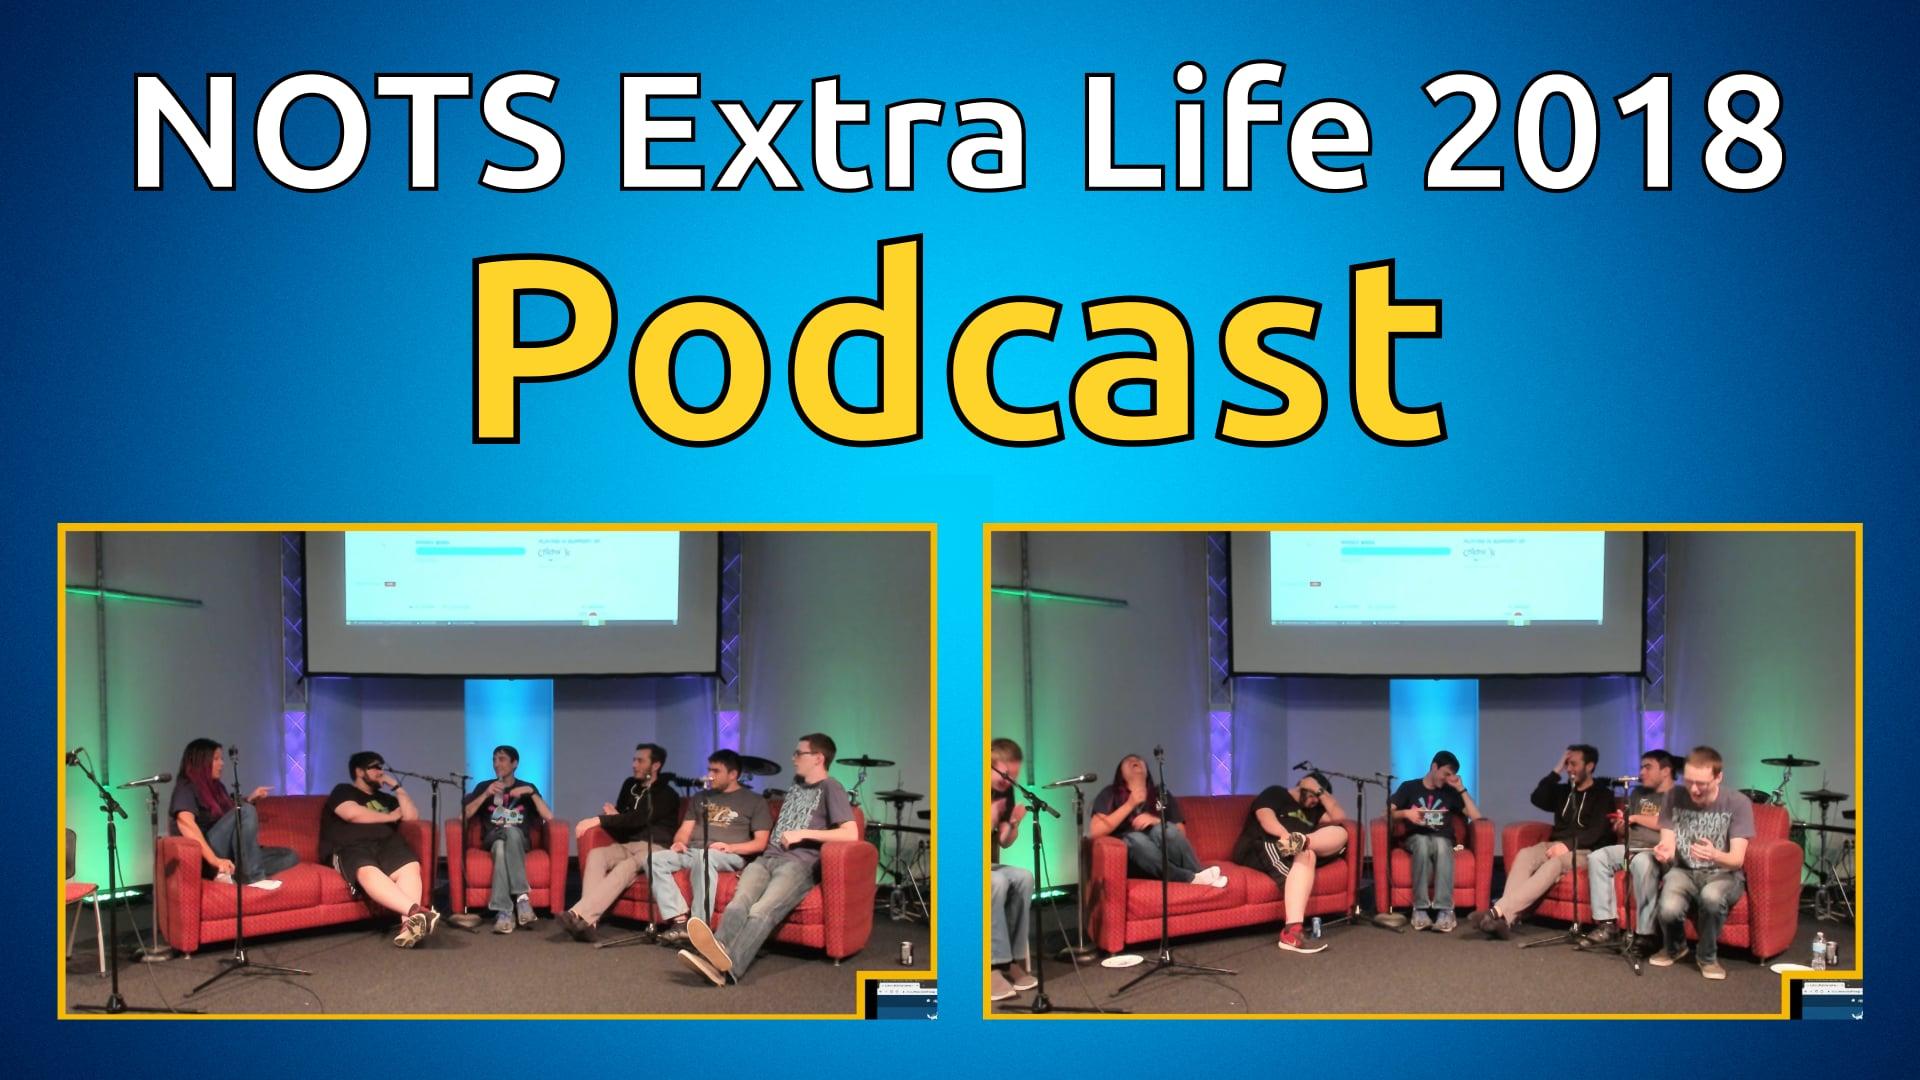 NOTS Podcast - Extra Life 2018